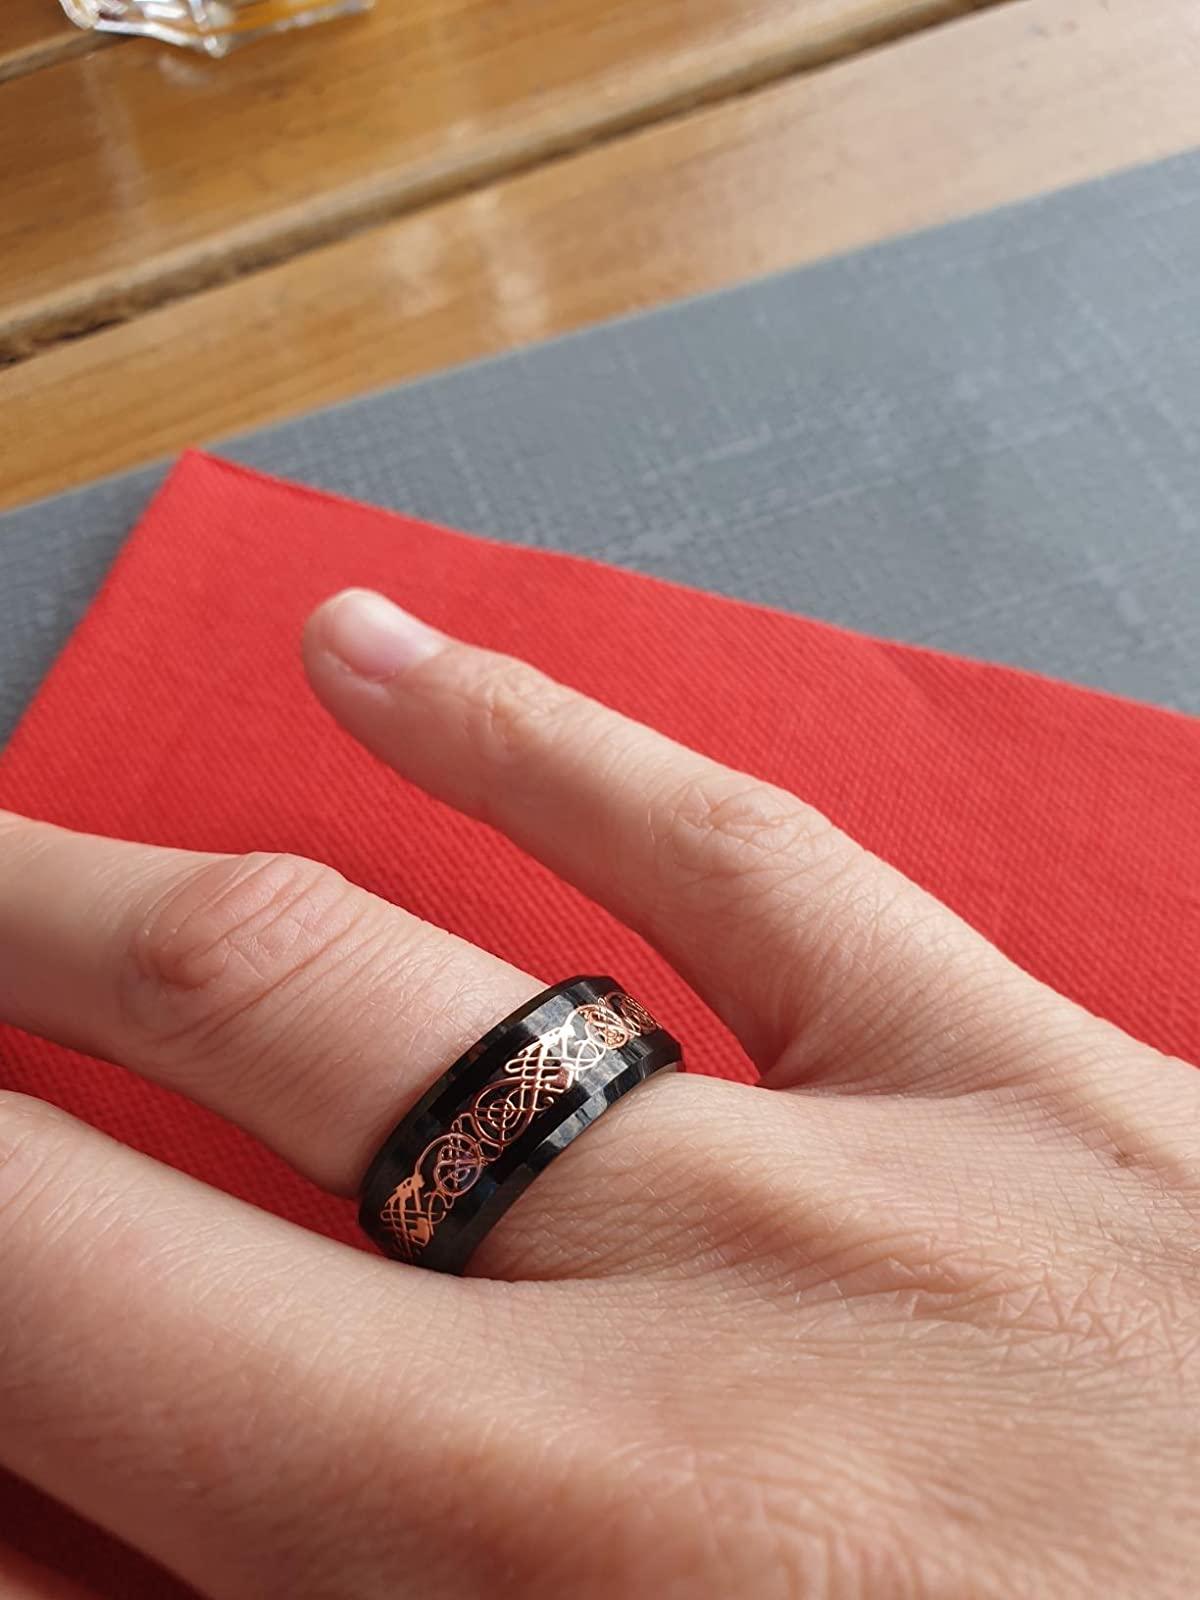 Anneau carbure de tungstene design tendance couleur or avec motif celtiques